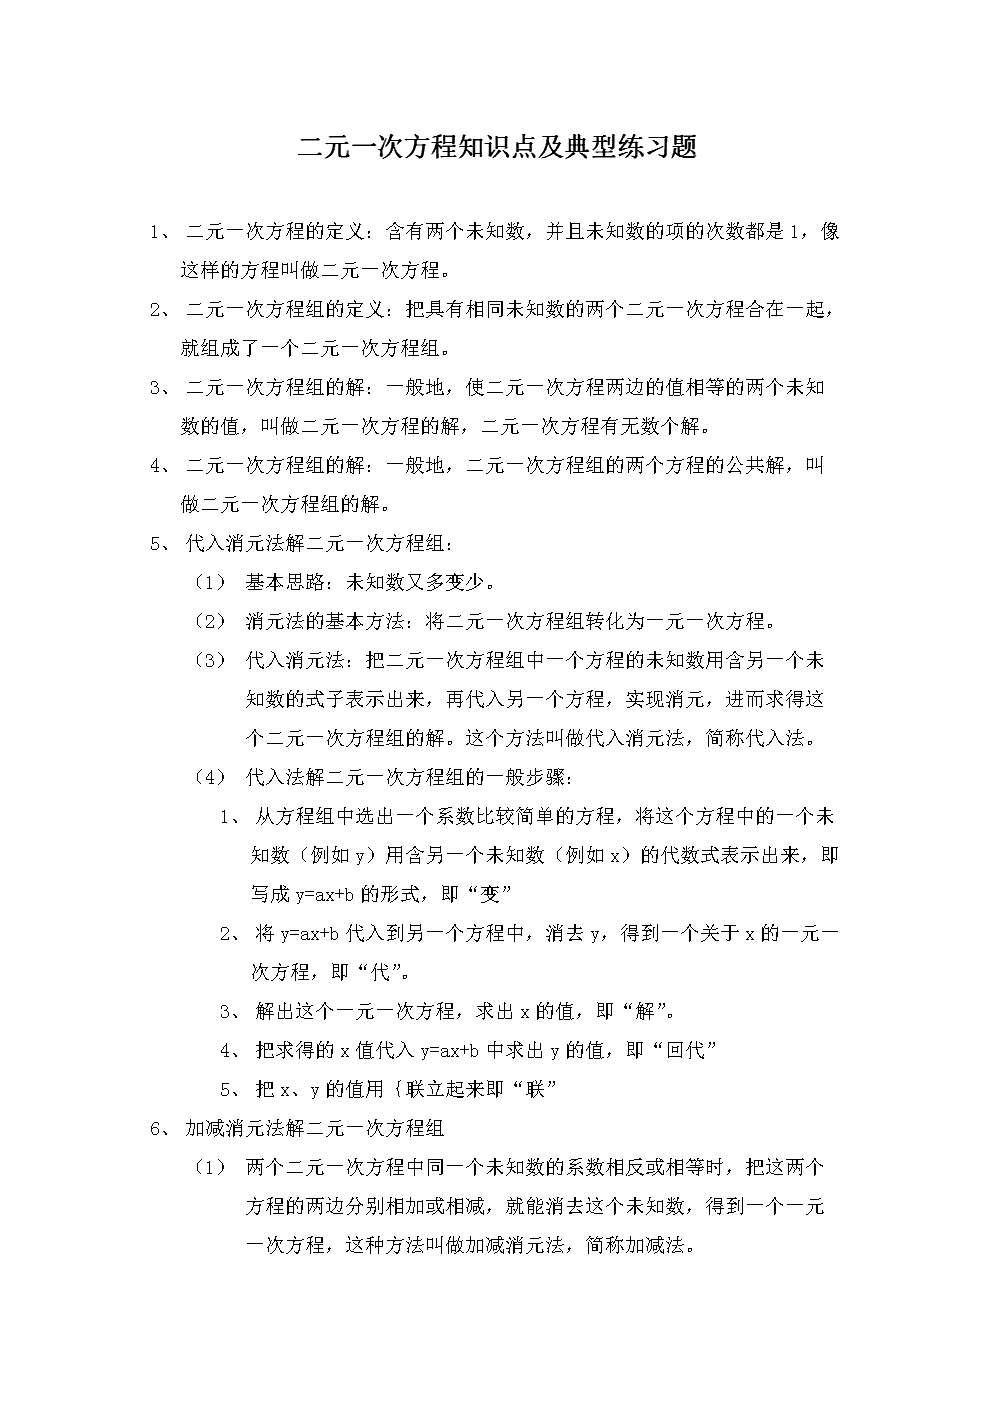 二元一次方程知识点总结及典型练习题.doc